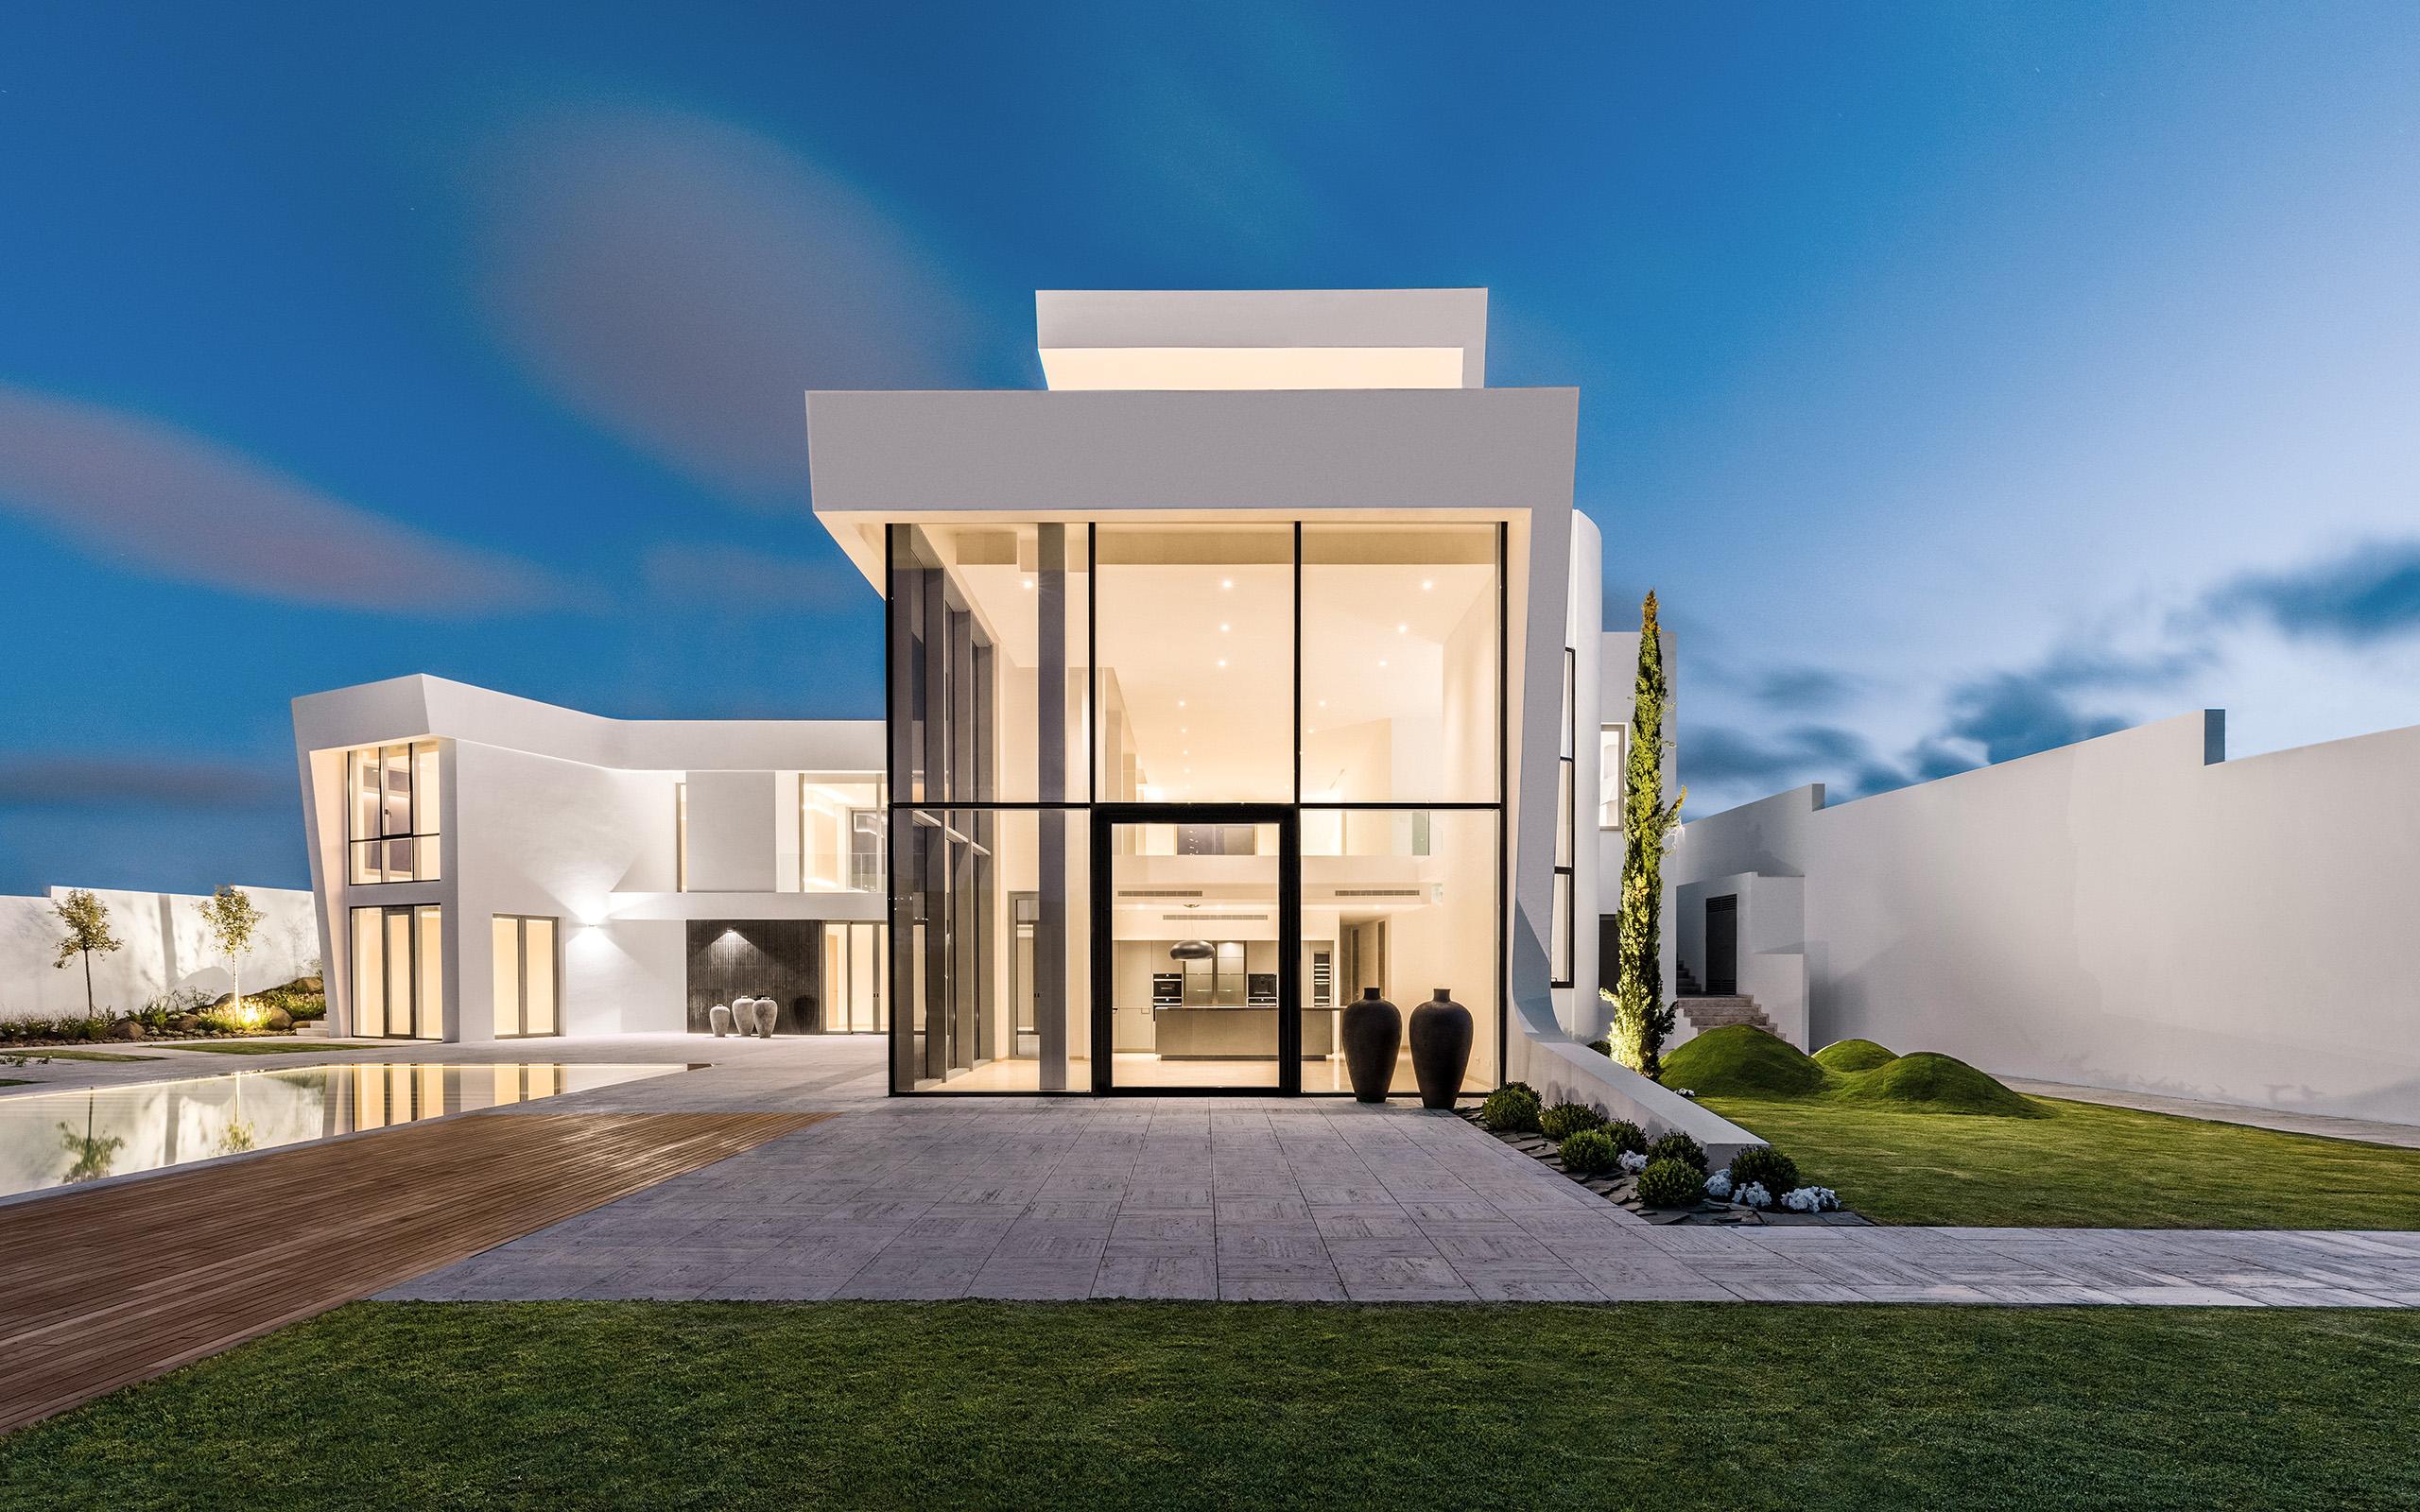 Fotgrafía arquitectura e interiores para PRINZA